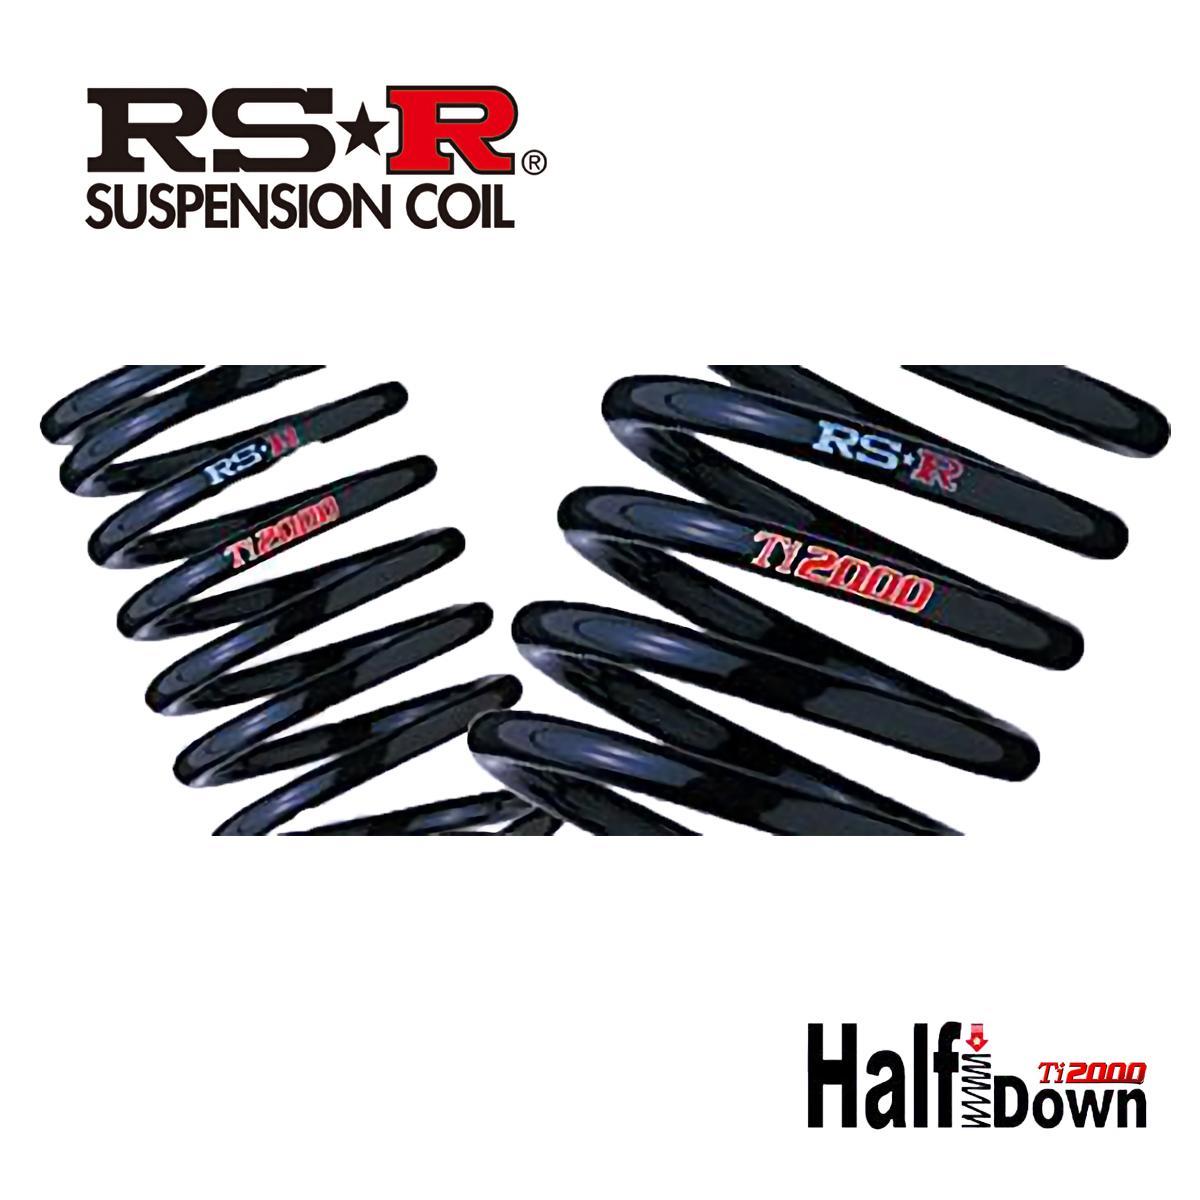 RS-R ワゴンRスティングレー ハイブリッドX MH55S ダウンサス スプリング 1台分 S174THD Ti2000 ハーフダウン RSR 条件付き送料無料